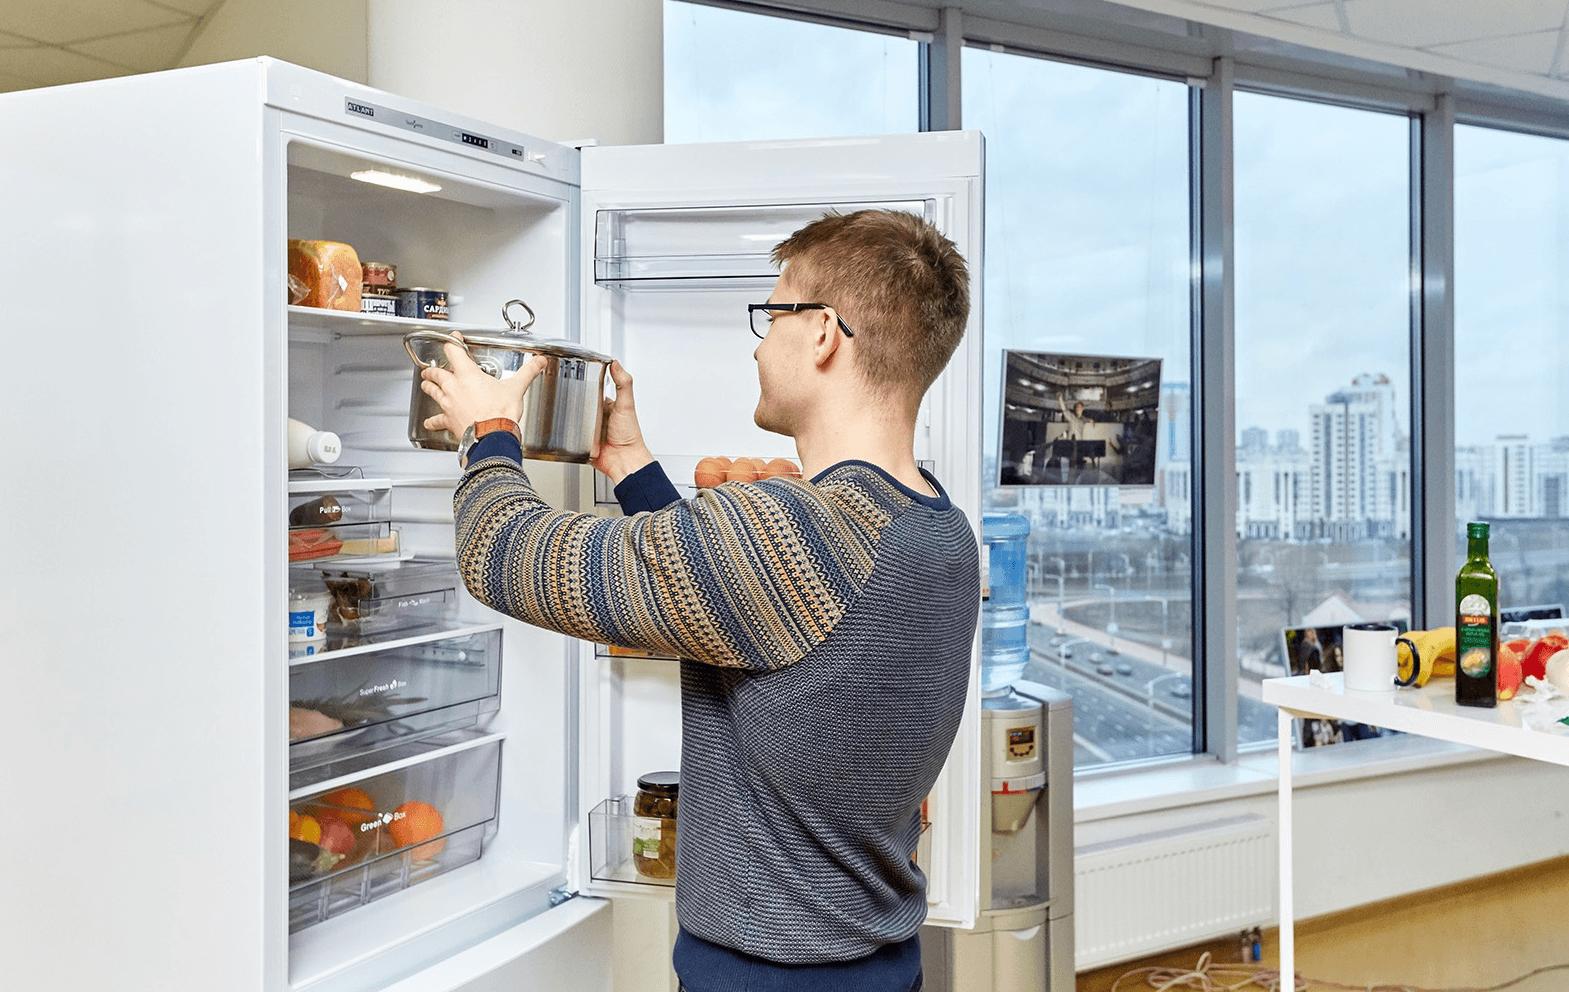 Ставить кастрюлю в холодильник